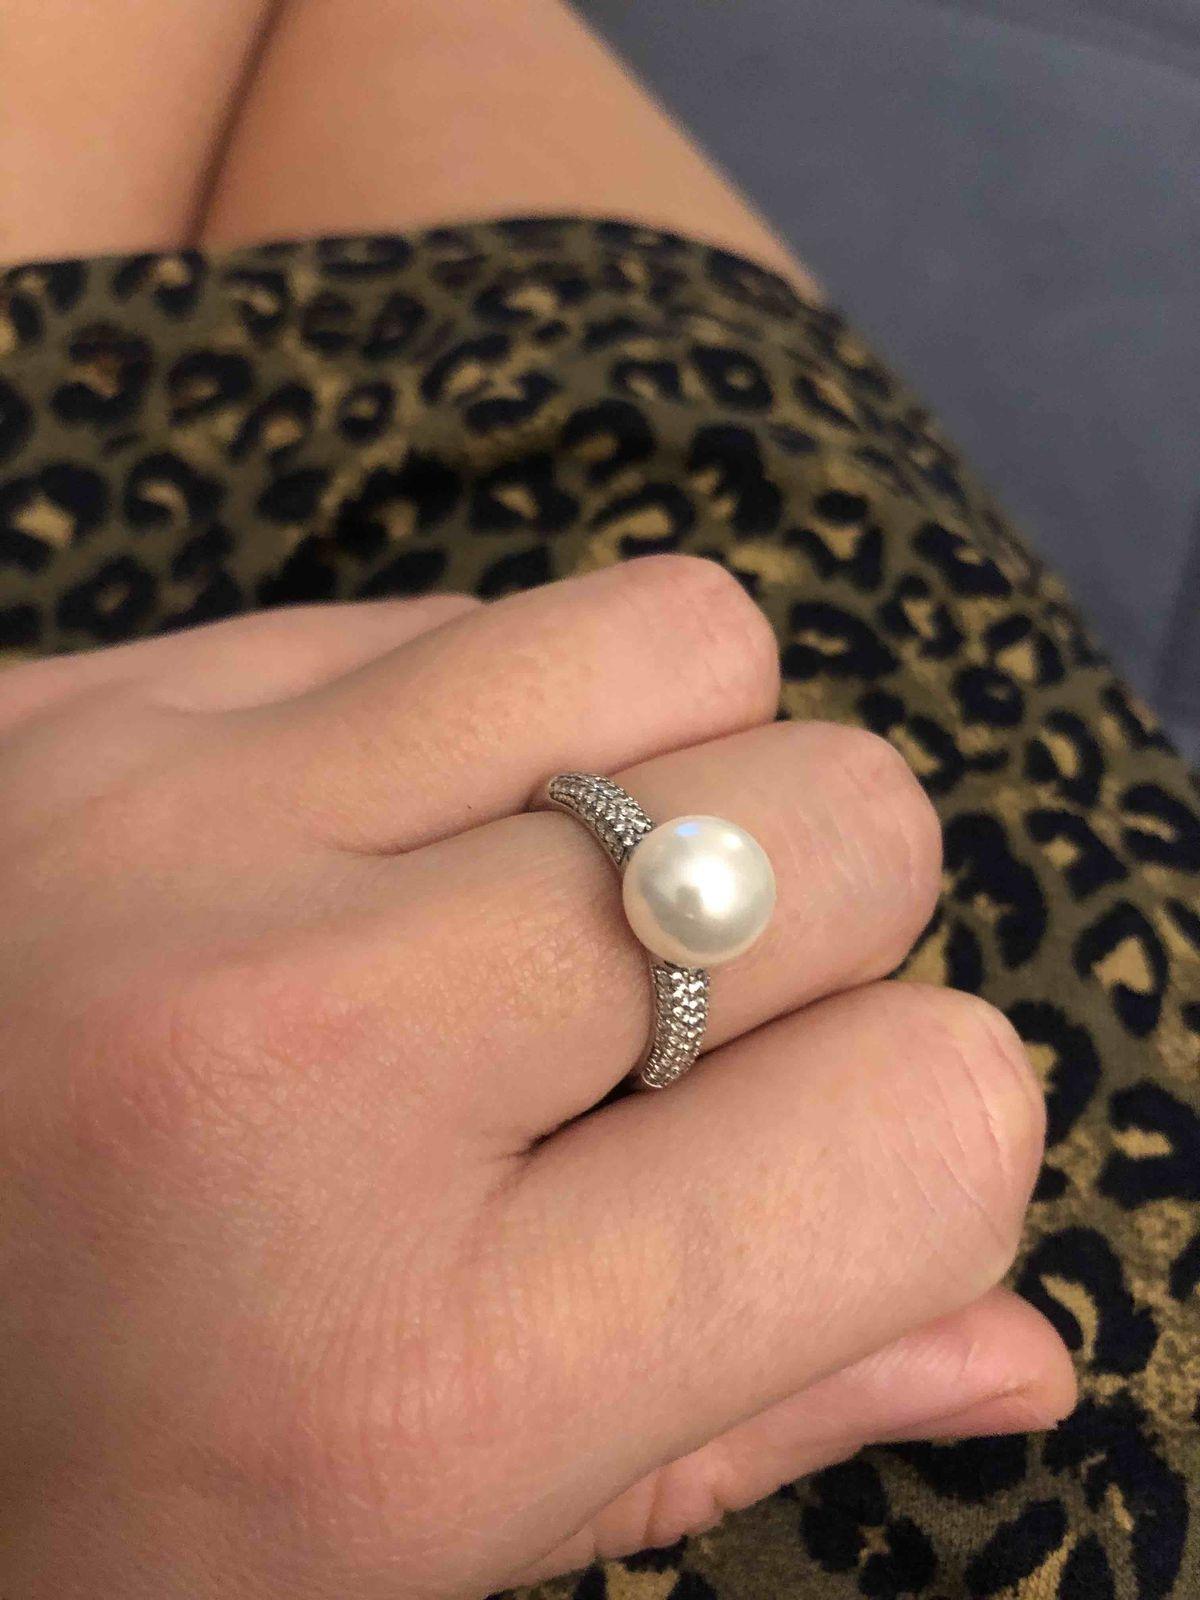 Очень удлбное кольцо. покупала на свадьбу.